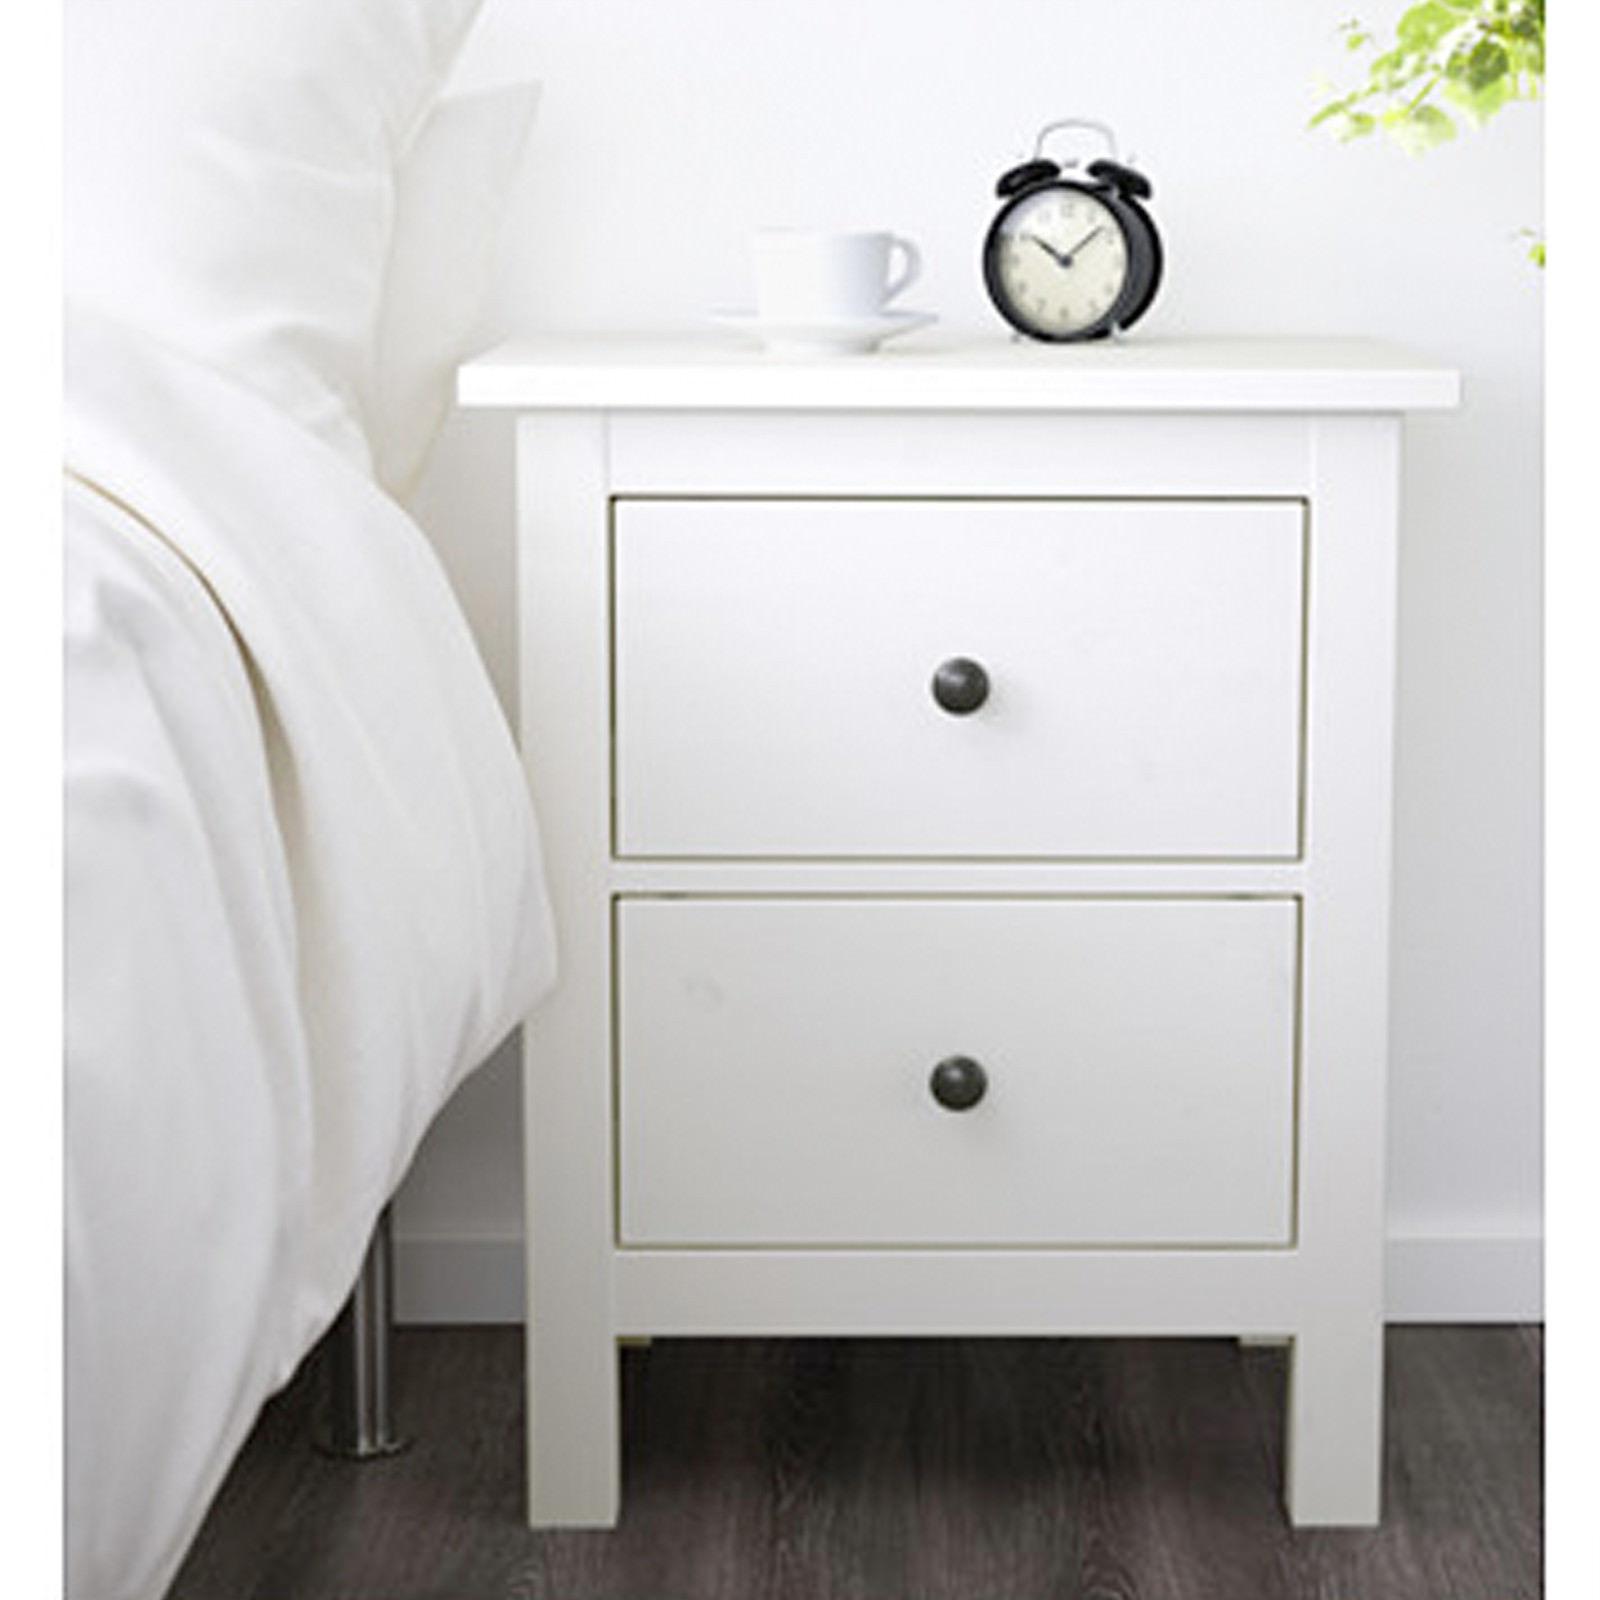 ikea hemnes kommode mit 2 schubladen wei nachtkonsole nachttisch schrank neu traumfabrik xxl. Black Bedroom Furniture Sets. Home Design Ideas